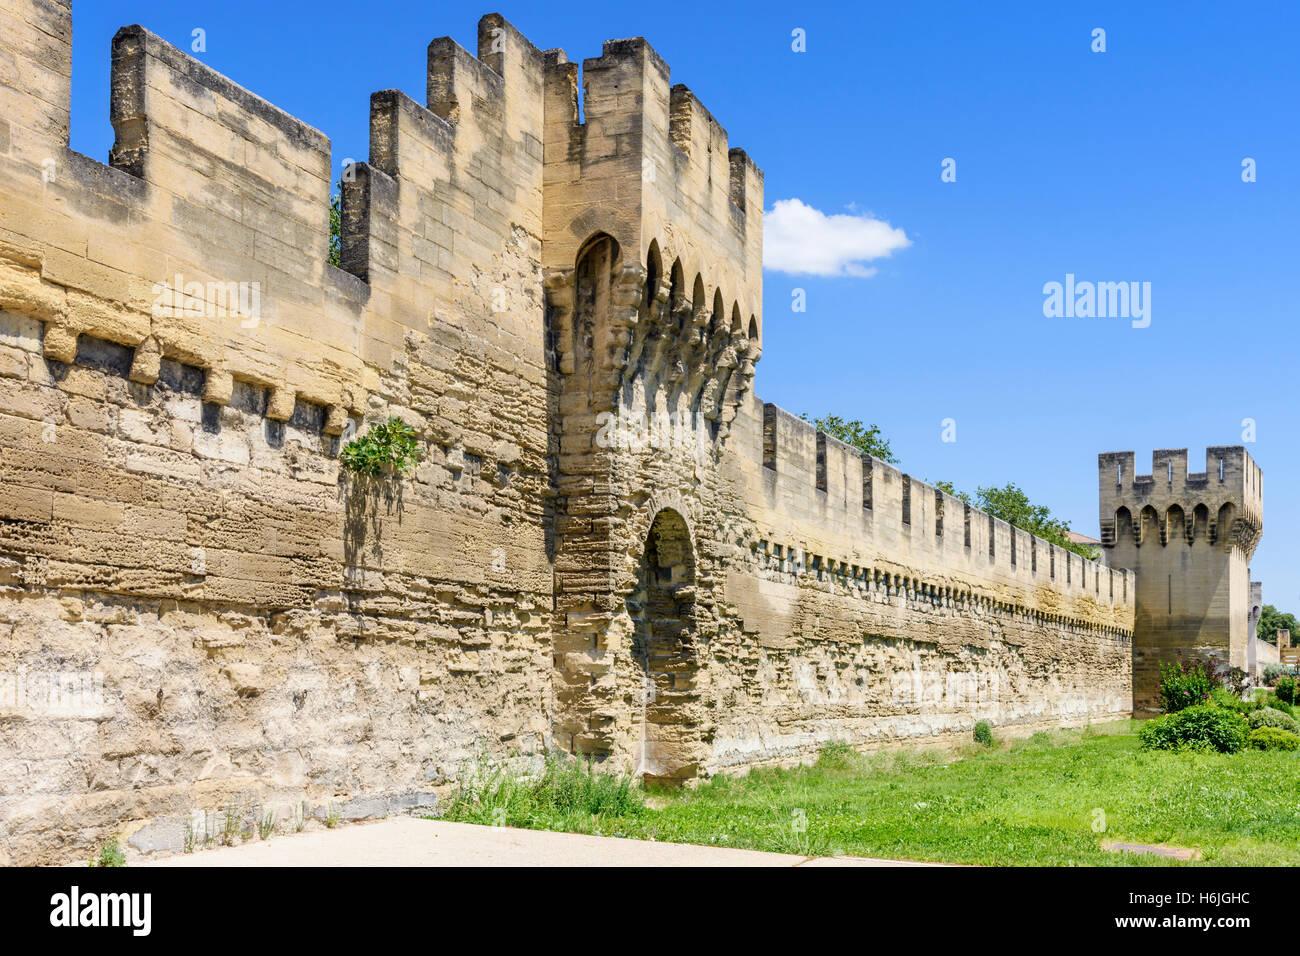 Muralla y torre, parte de la sección sur de las murallas de Avignon, Francia Imagen De Stock